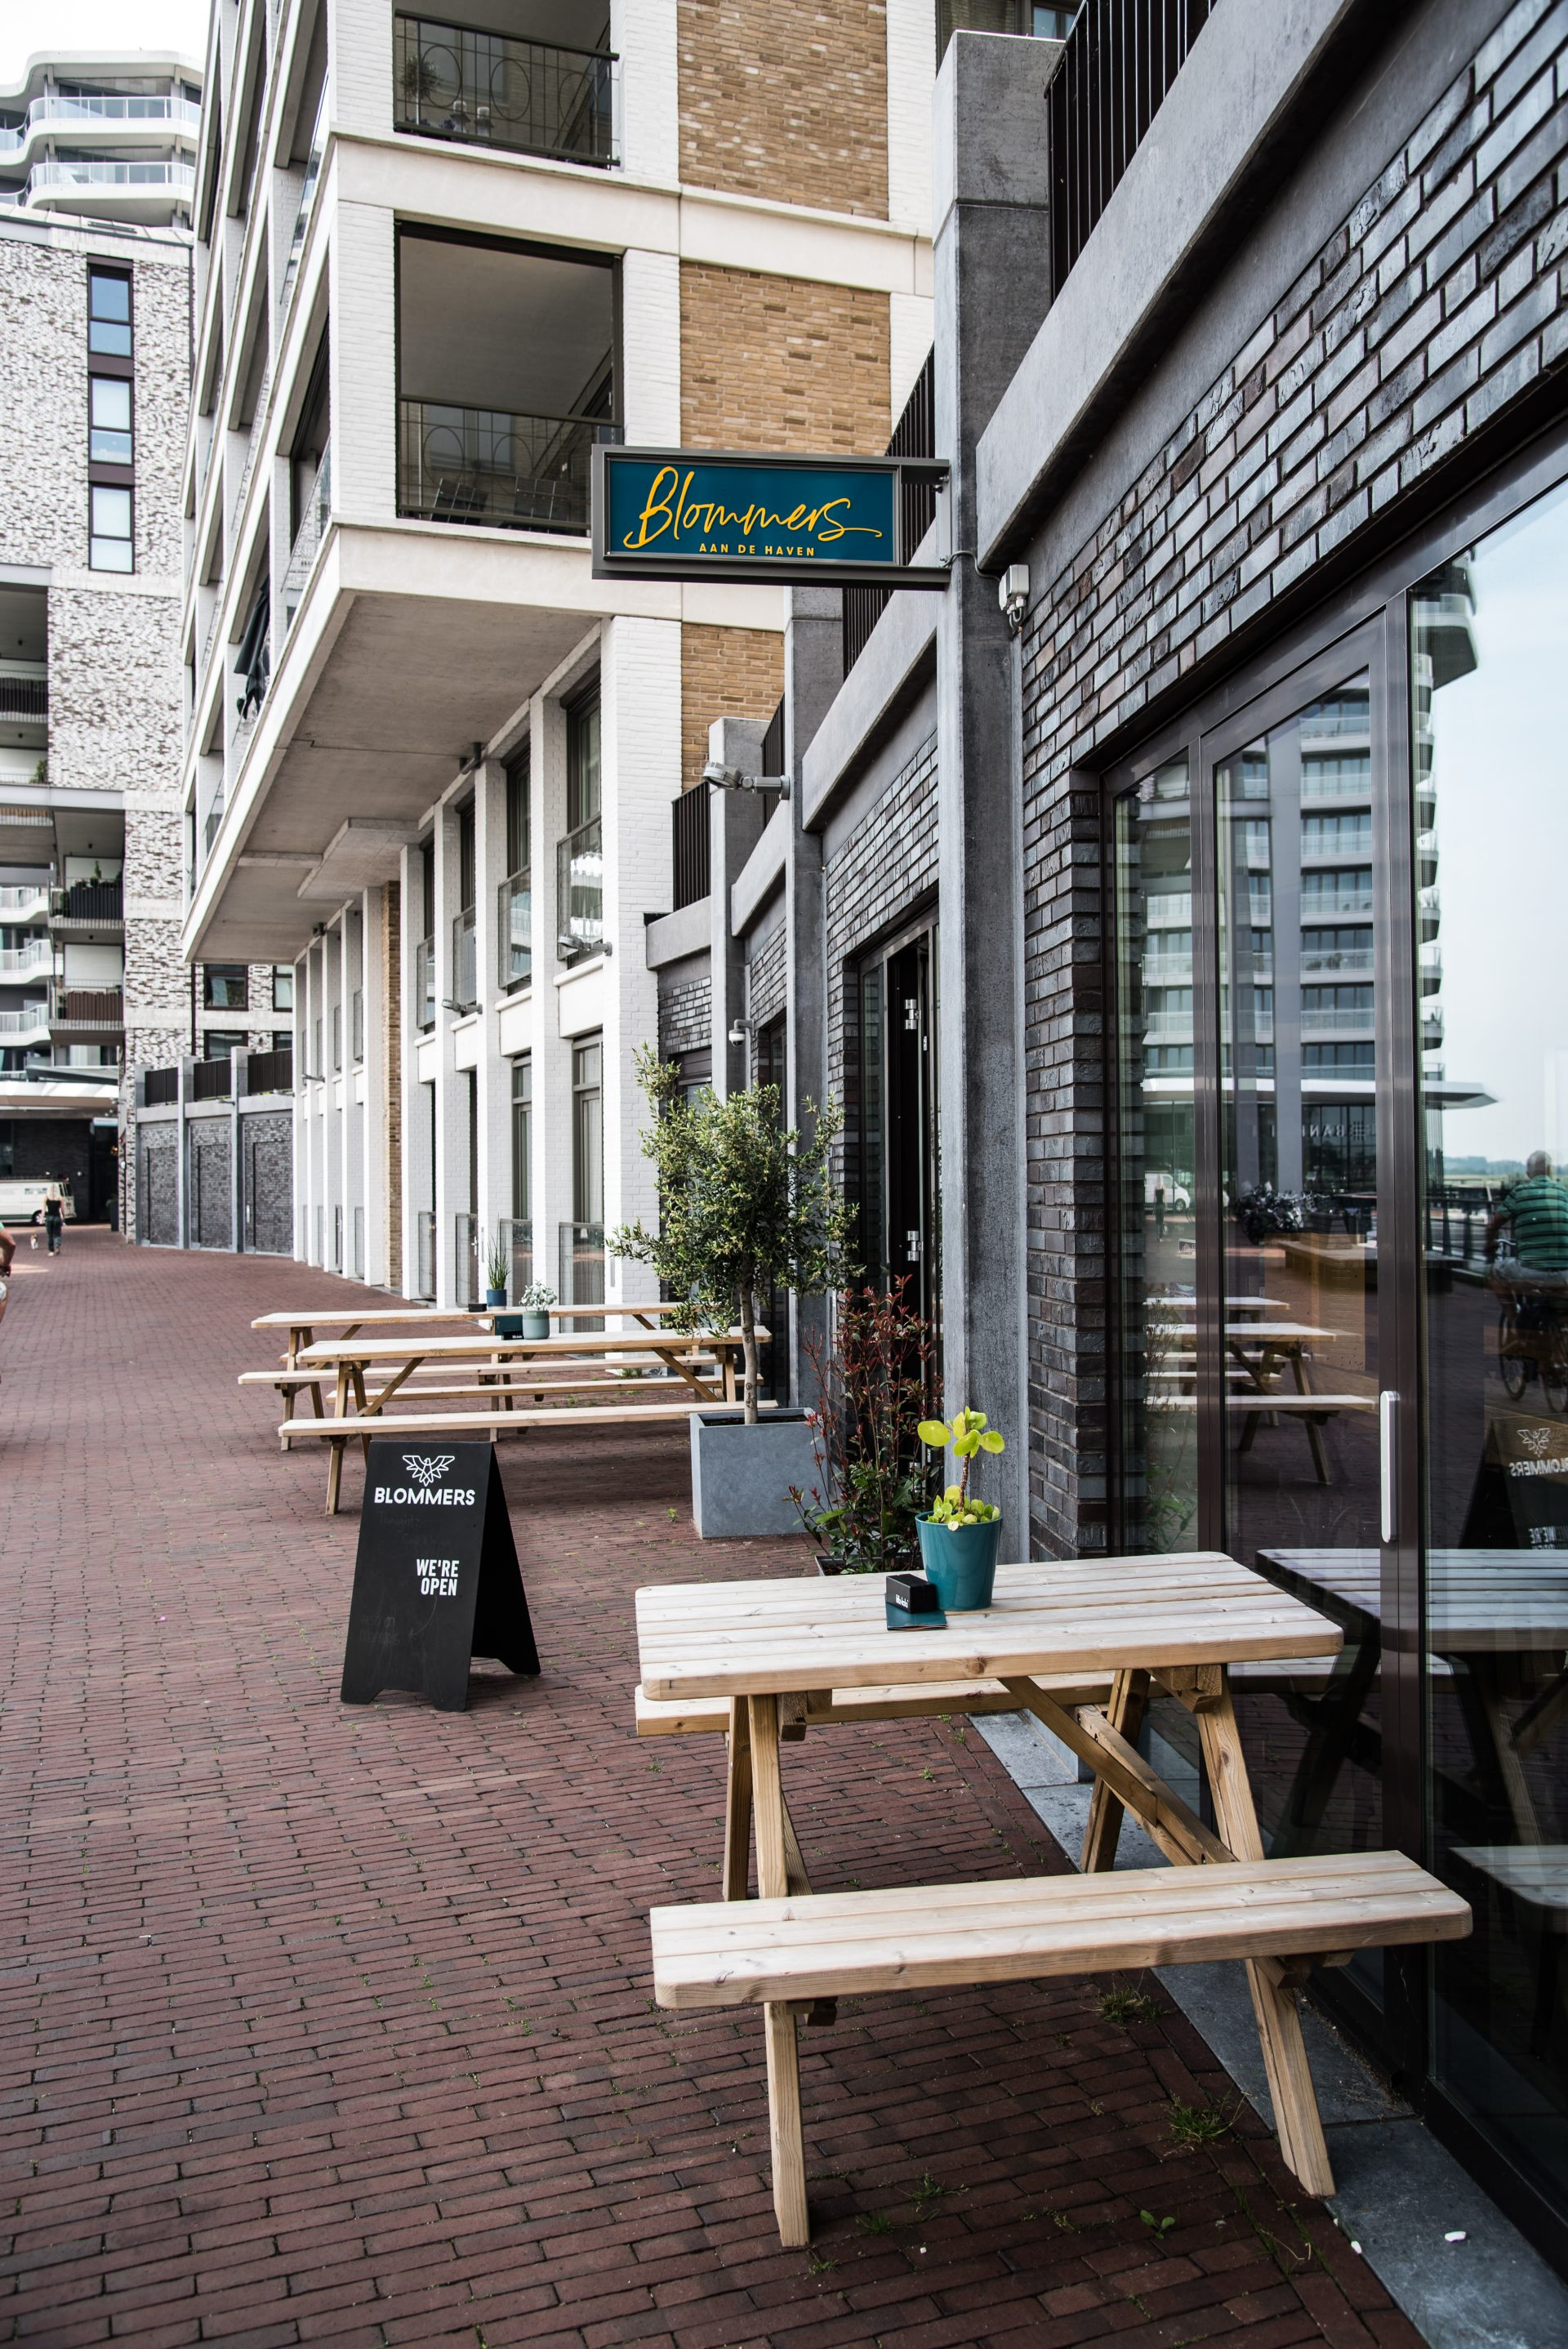 Blommers Bar in Nijmegen